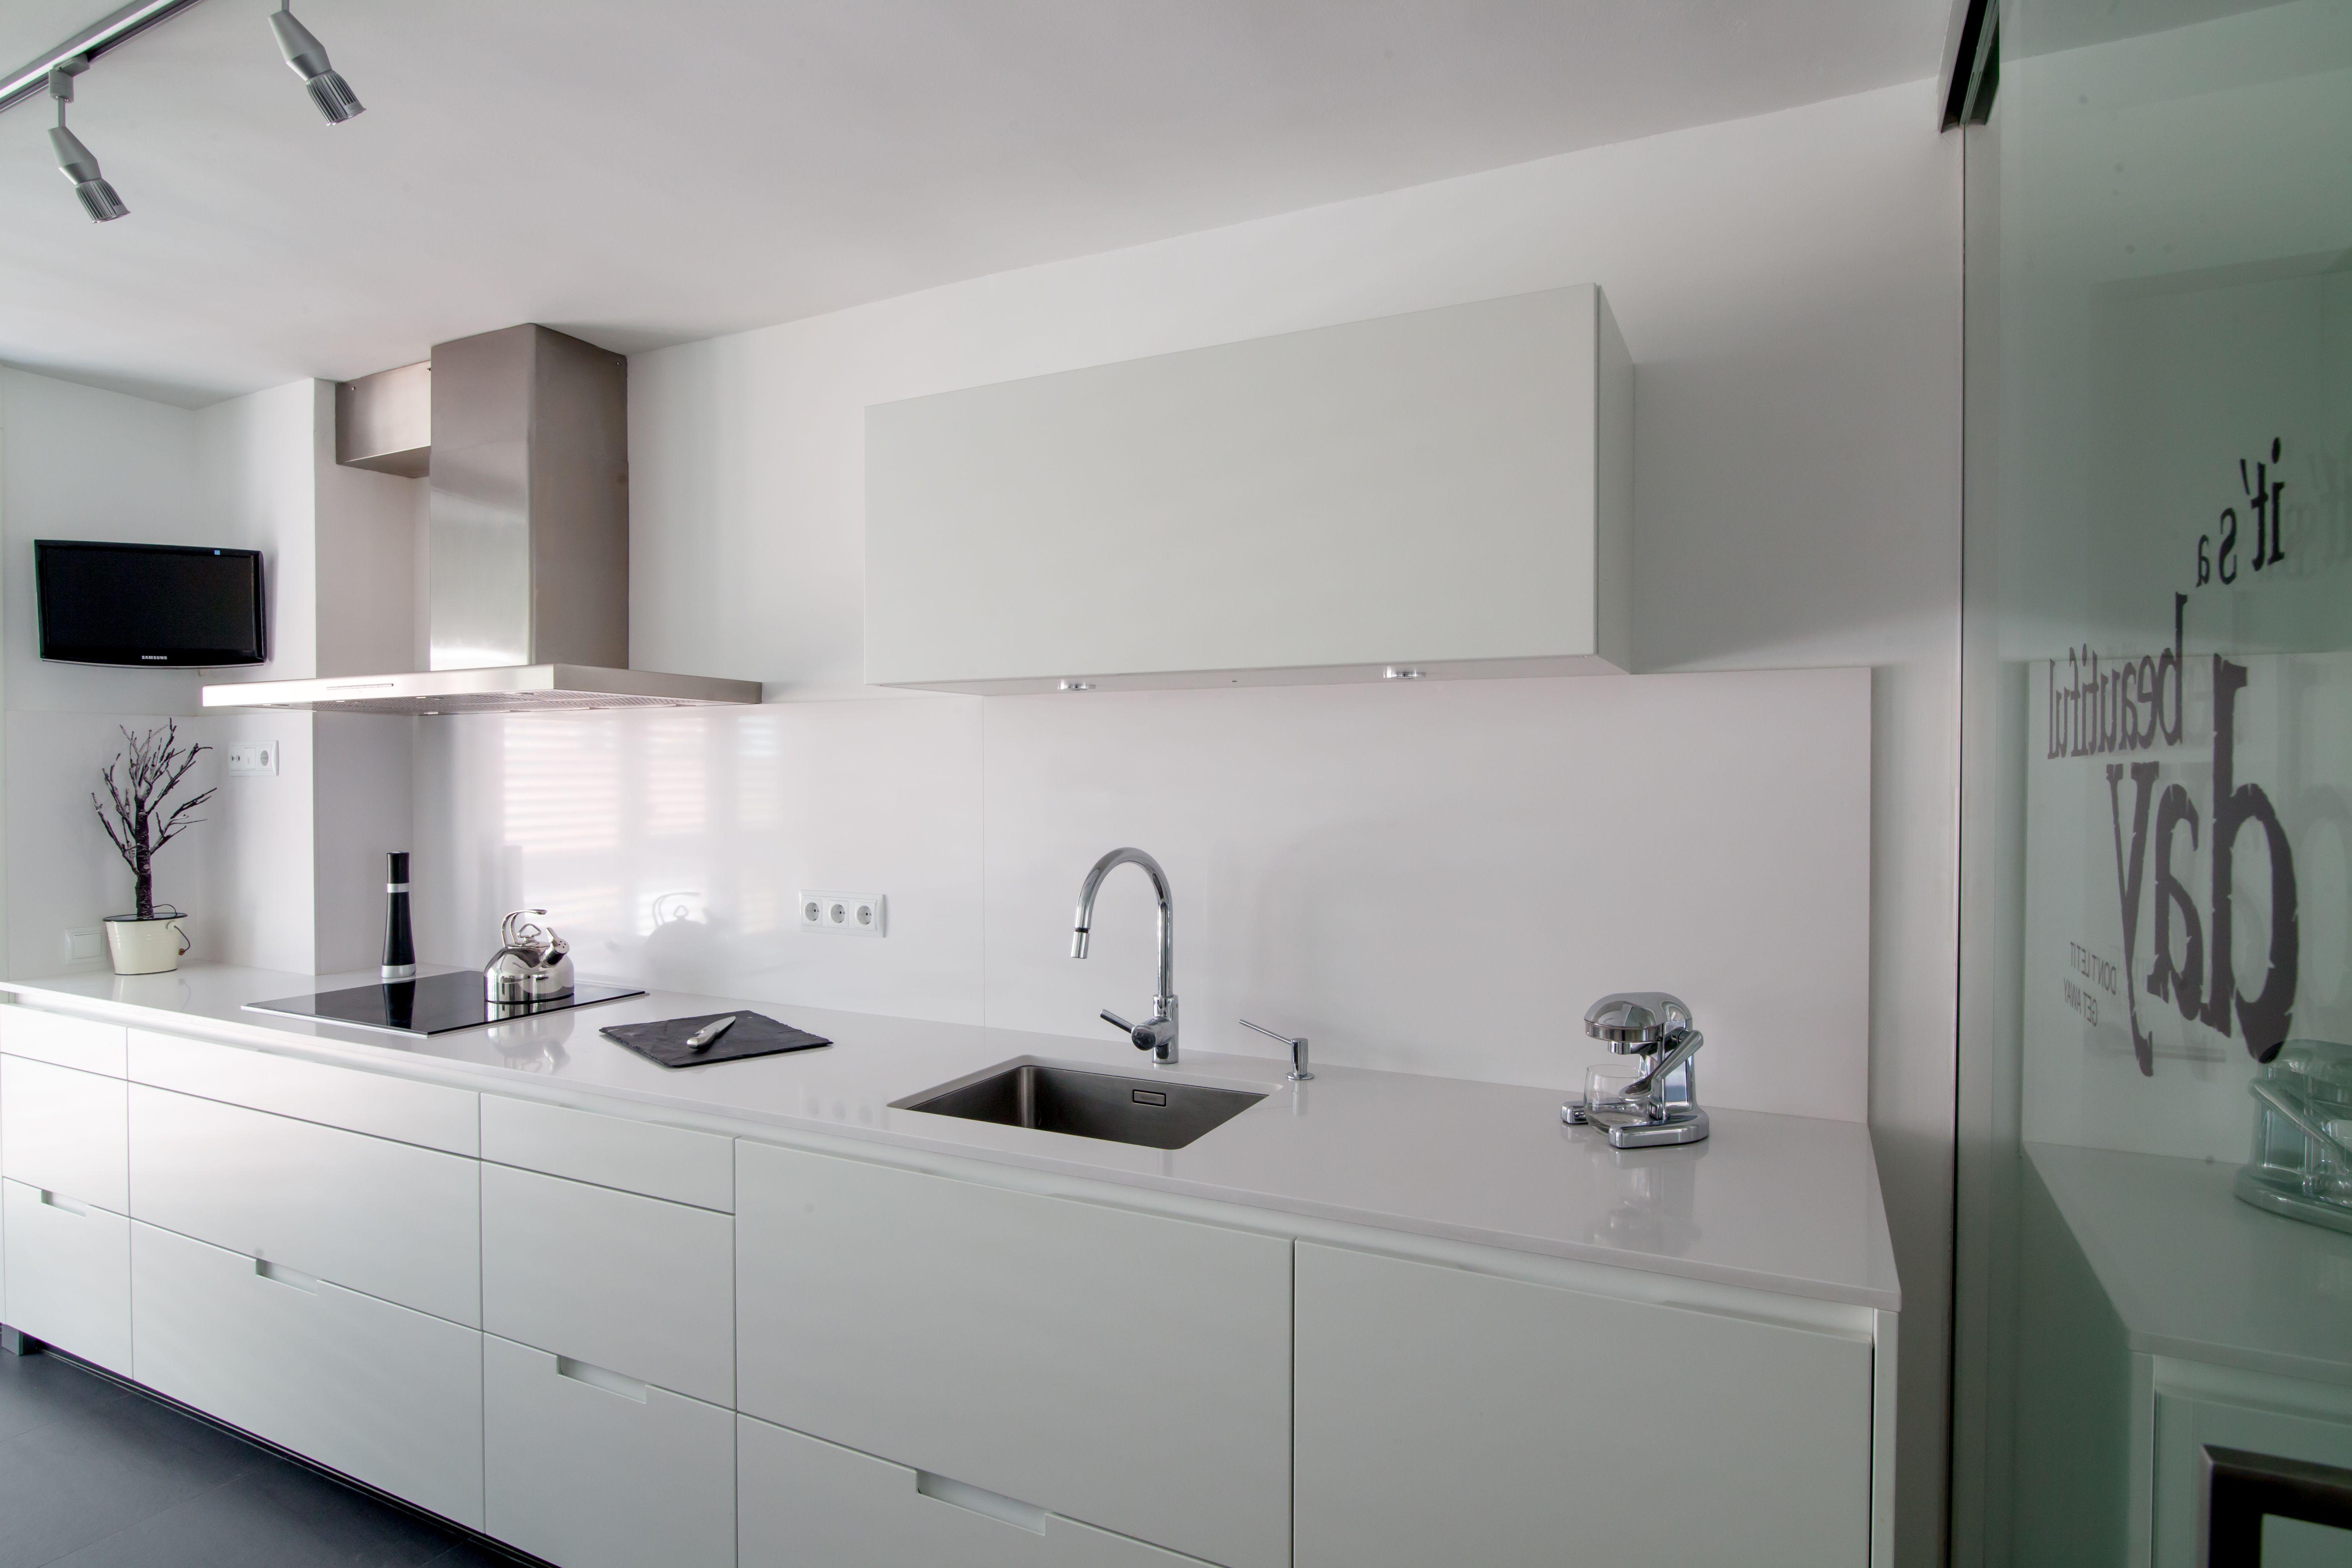 SANTOS kitchen | White silk matt Minos model by Clysa Proyectos Integrales http://www.clysa.com/index2.html